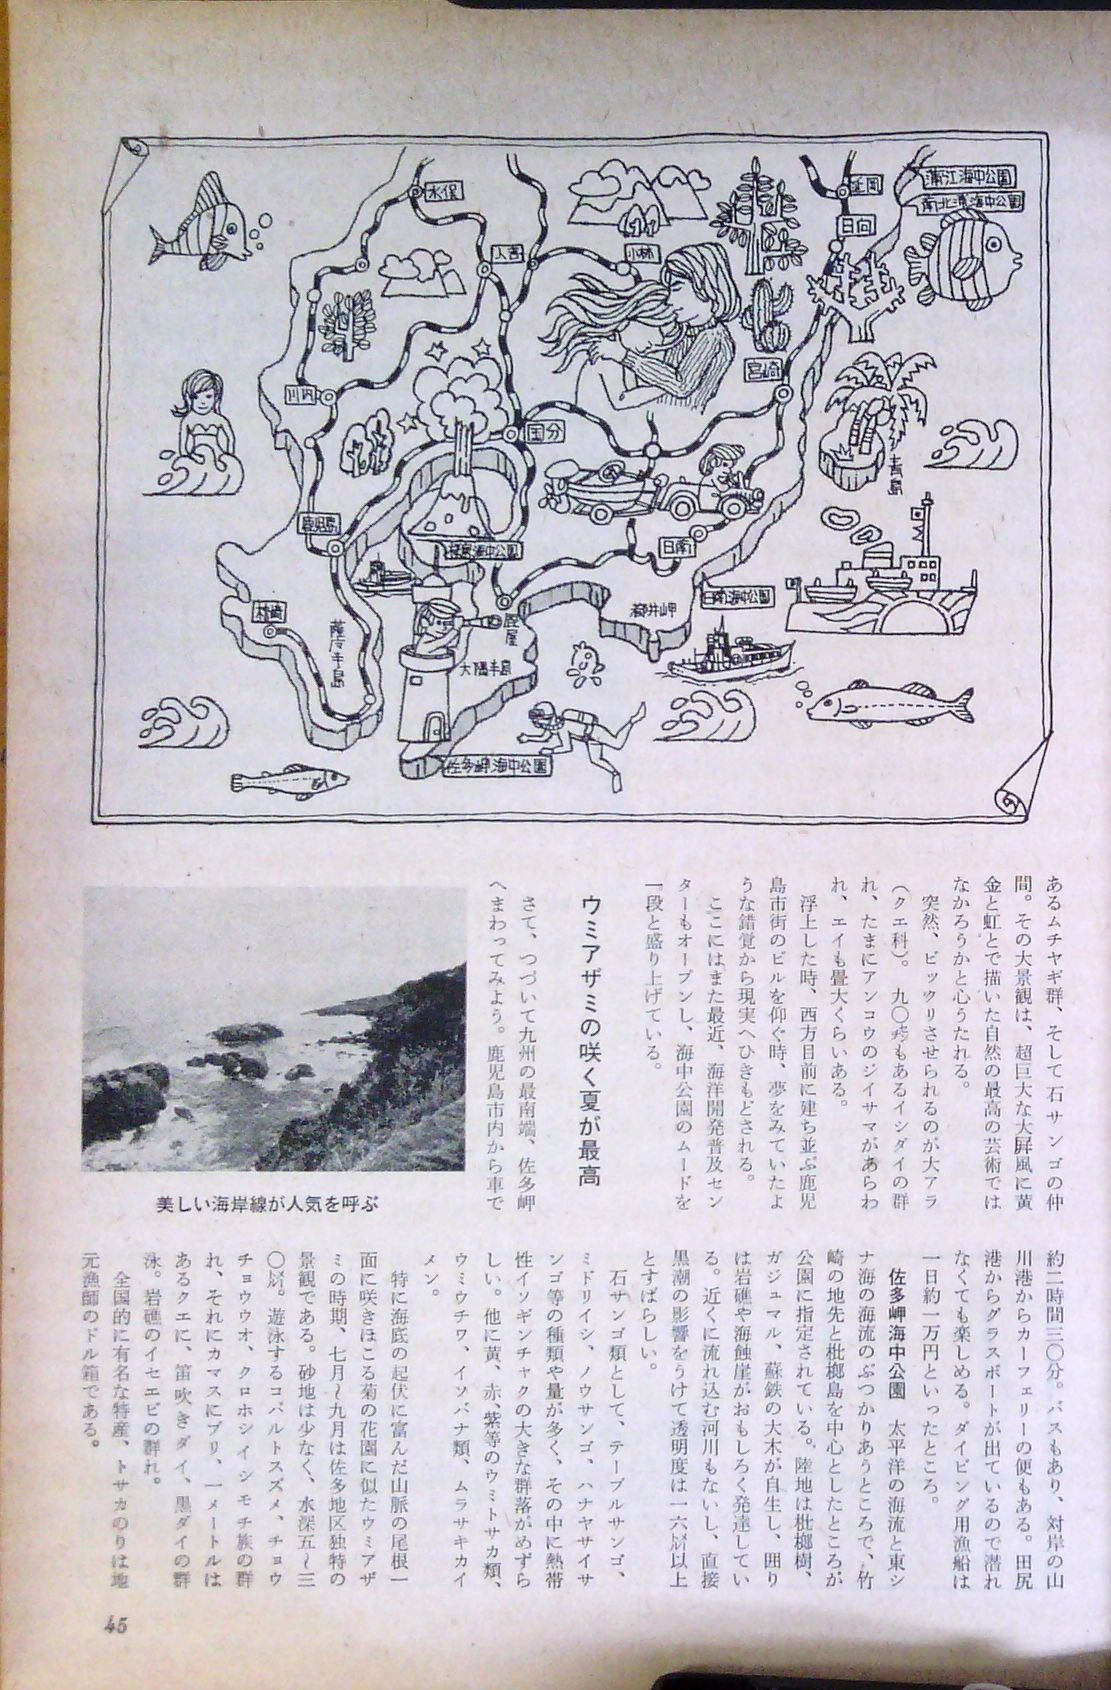 0525 ダイビングの歴史 73 海の世界74年 8月_b0075059_13325170.jpg